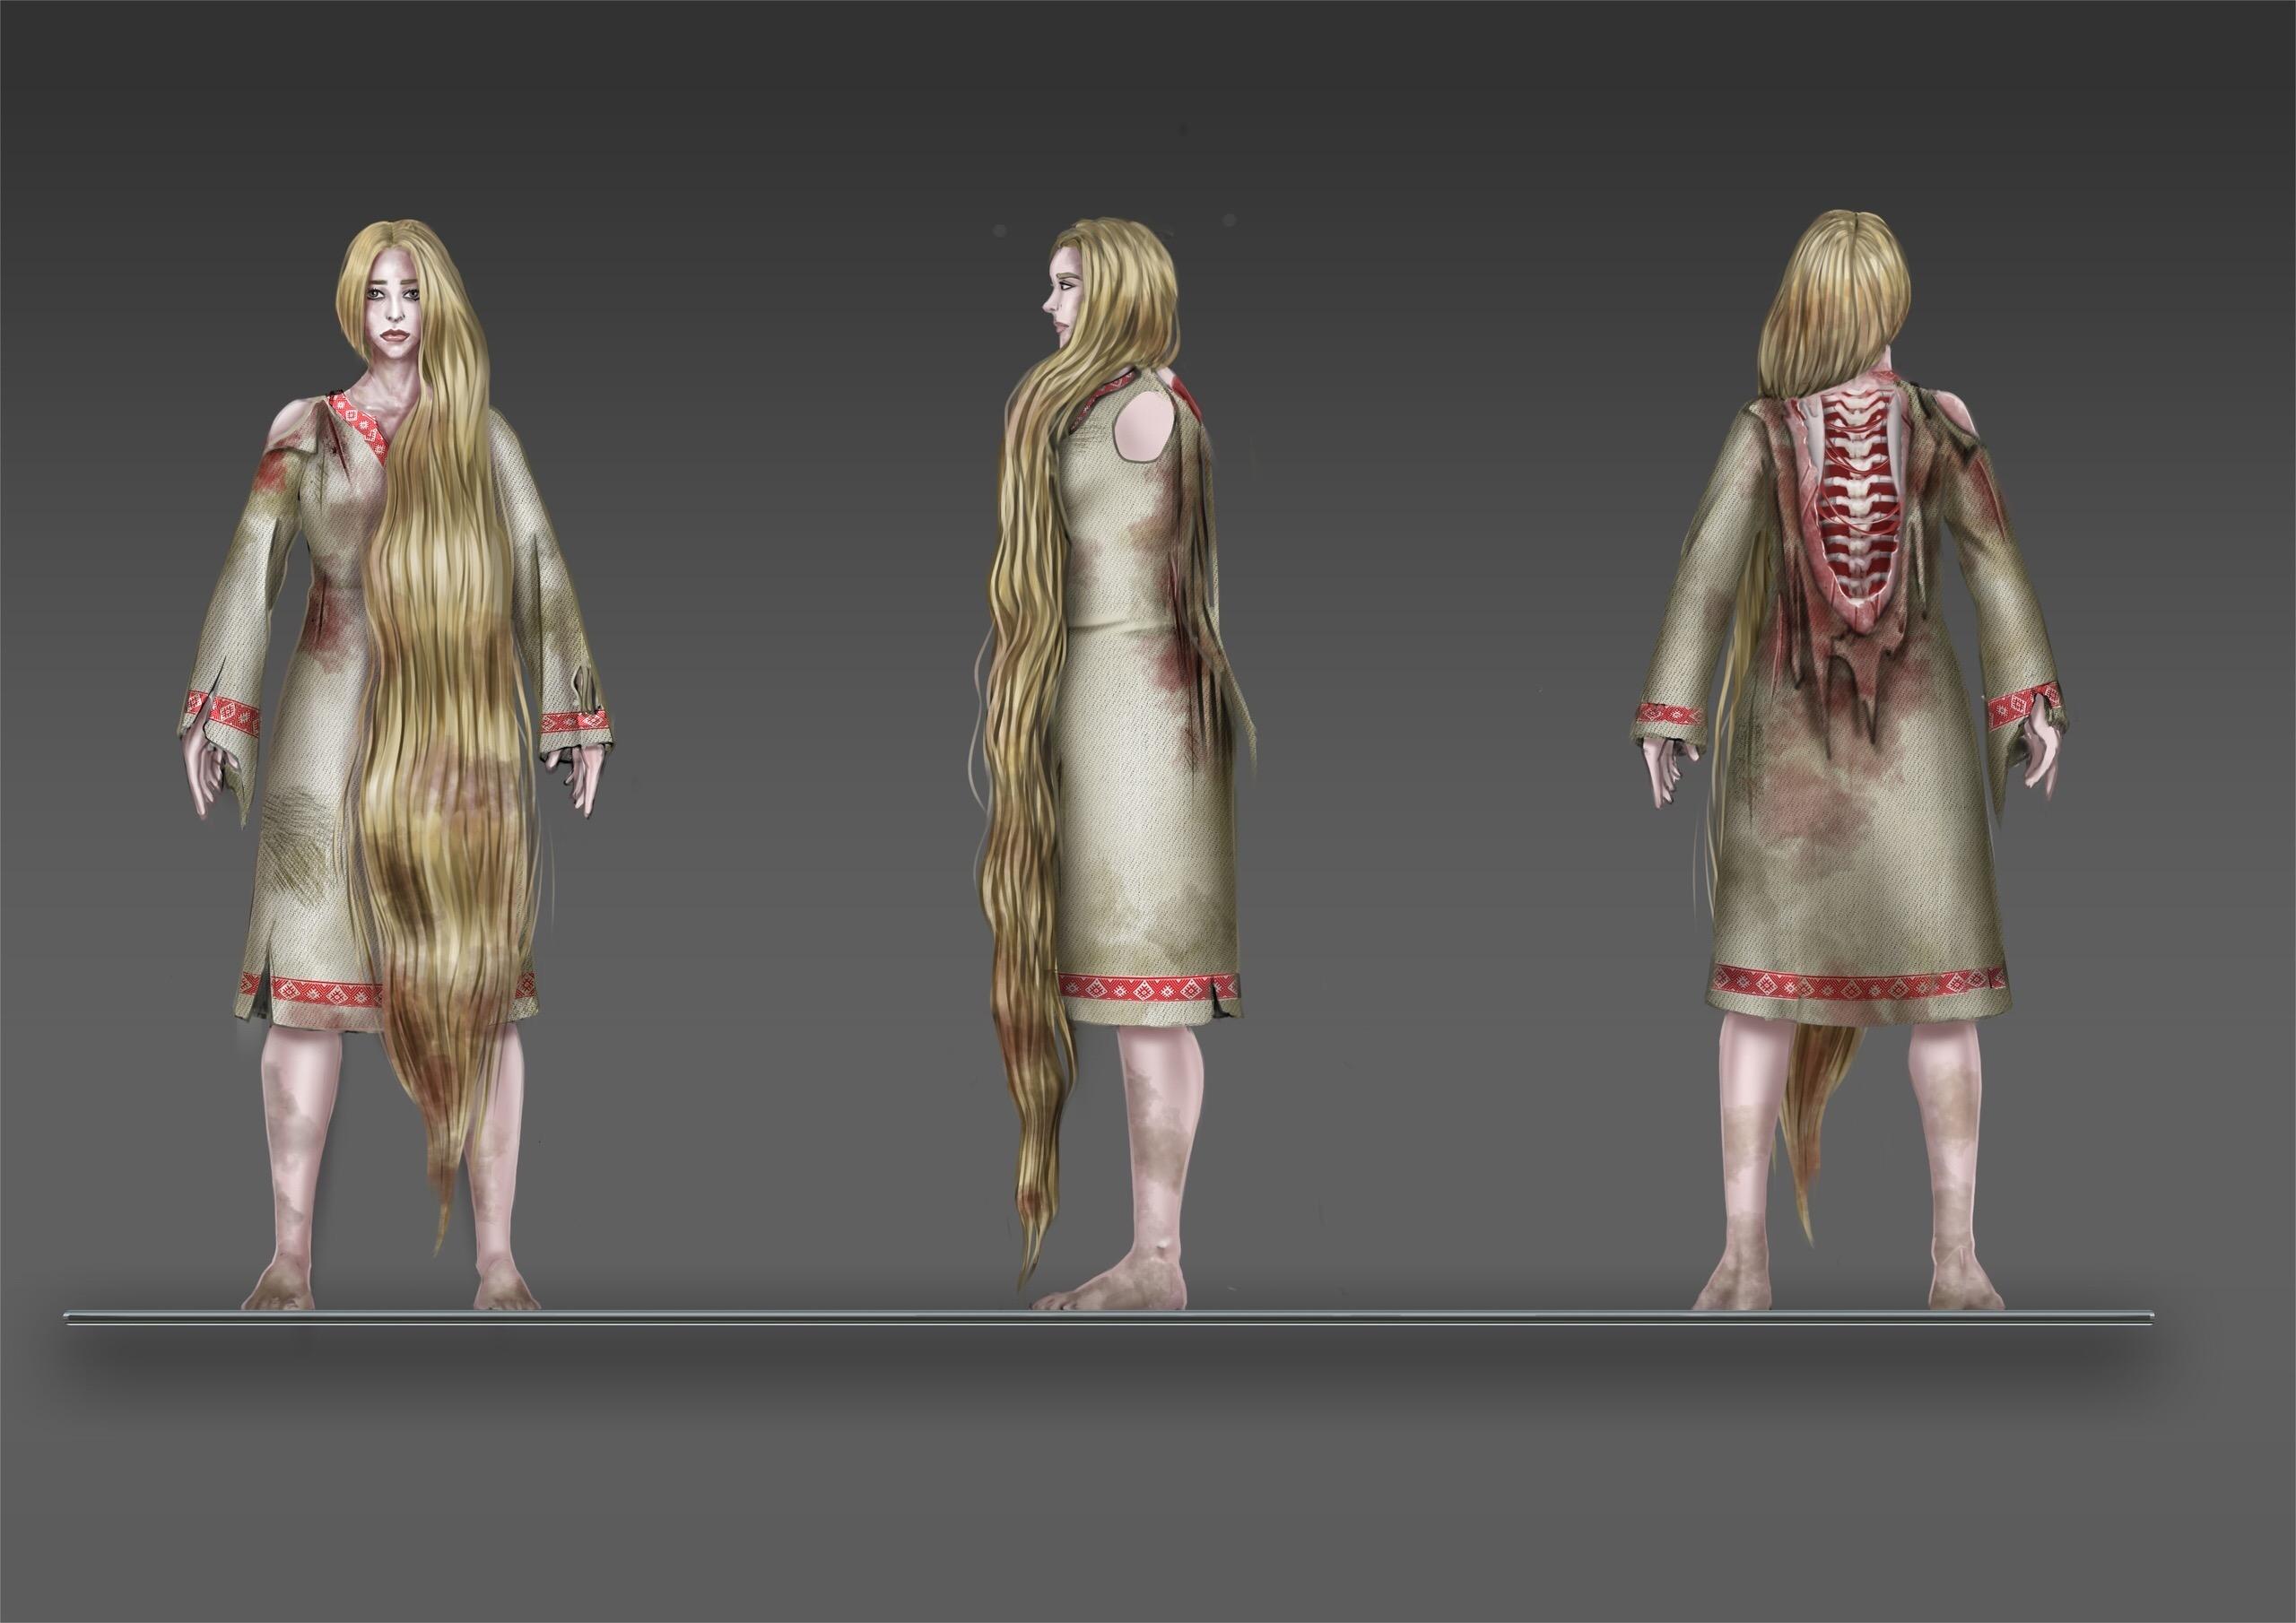 Навка (состояние покоя) | 3D художник со знанием анимации, программист